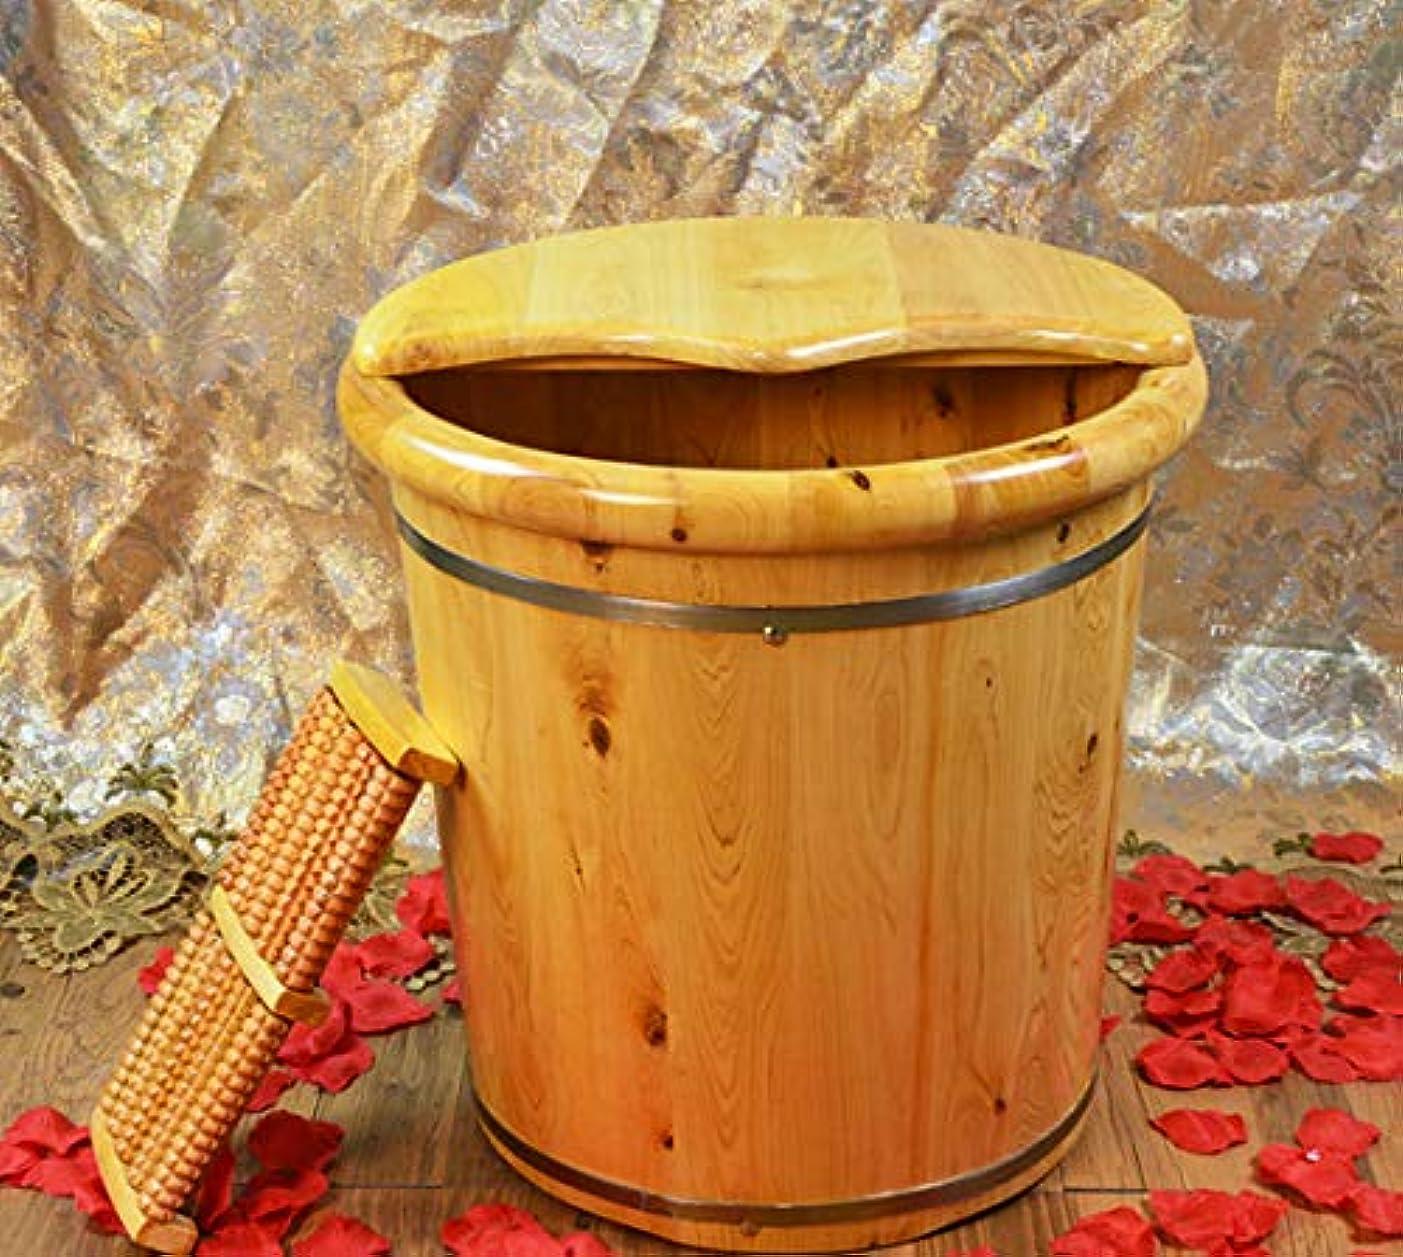 キャリアクレジット学校足浴桶 足の浴槽、木製の足の盆地足のバレルの足の足のマッサージの足の盆カバーの足の桶